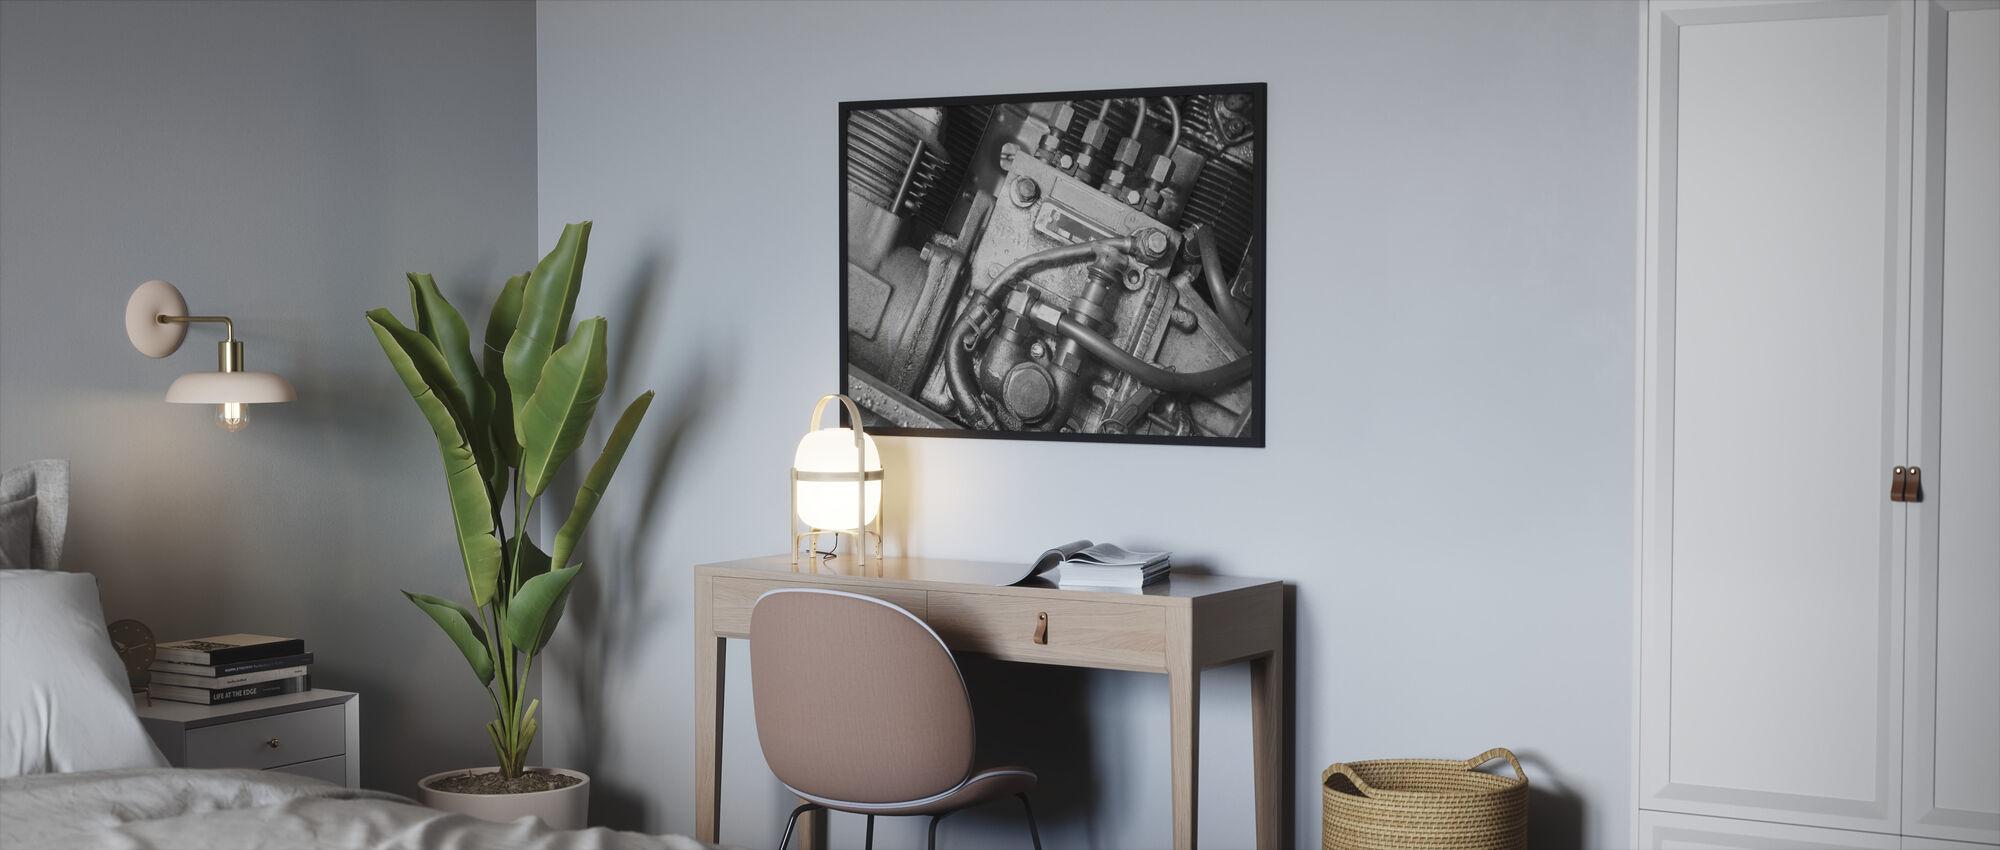 Auton moottori - Yksivärinen - Kehystetty kuva - Makuuhuone